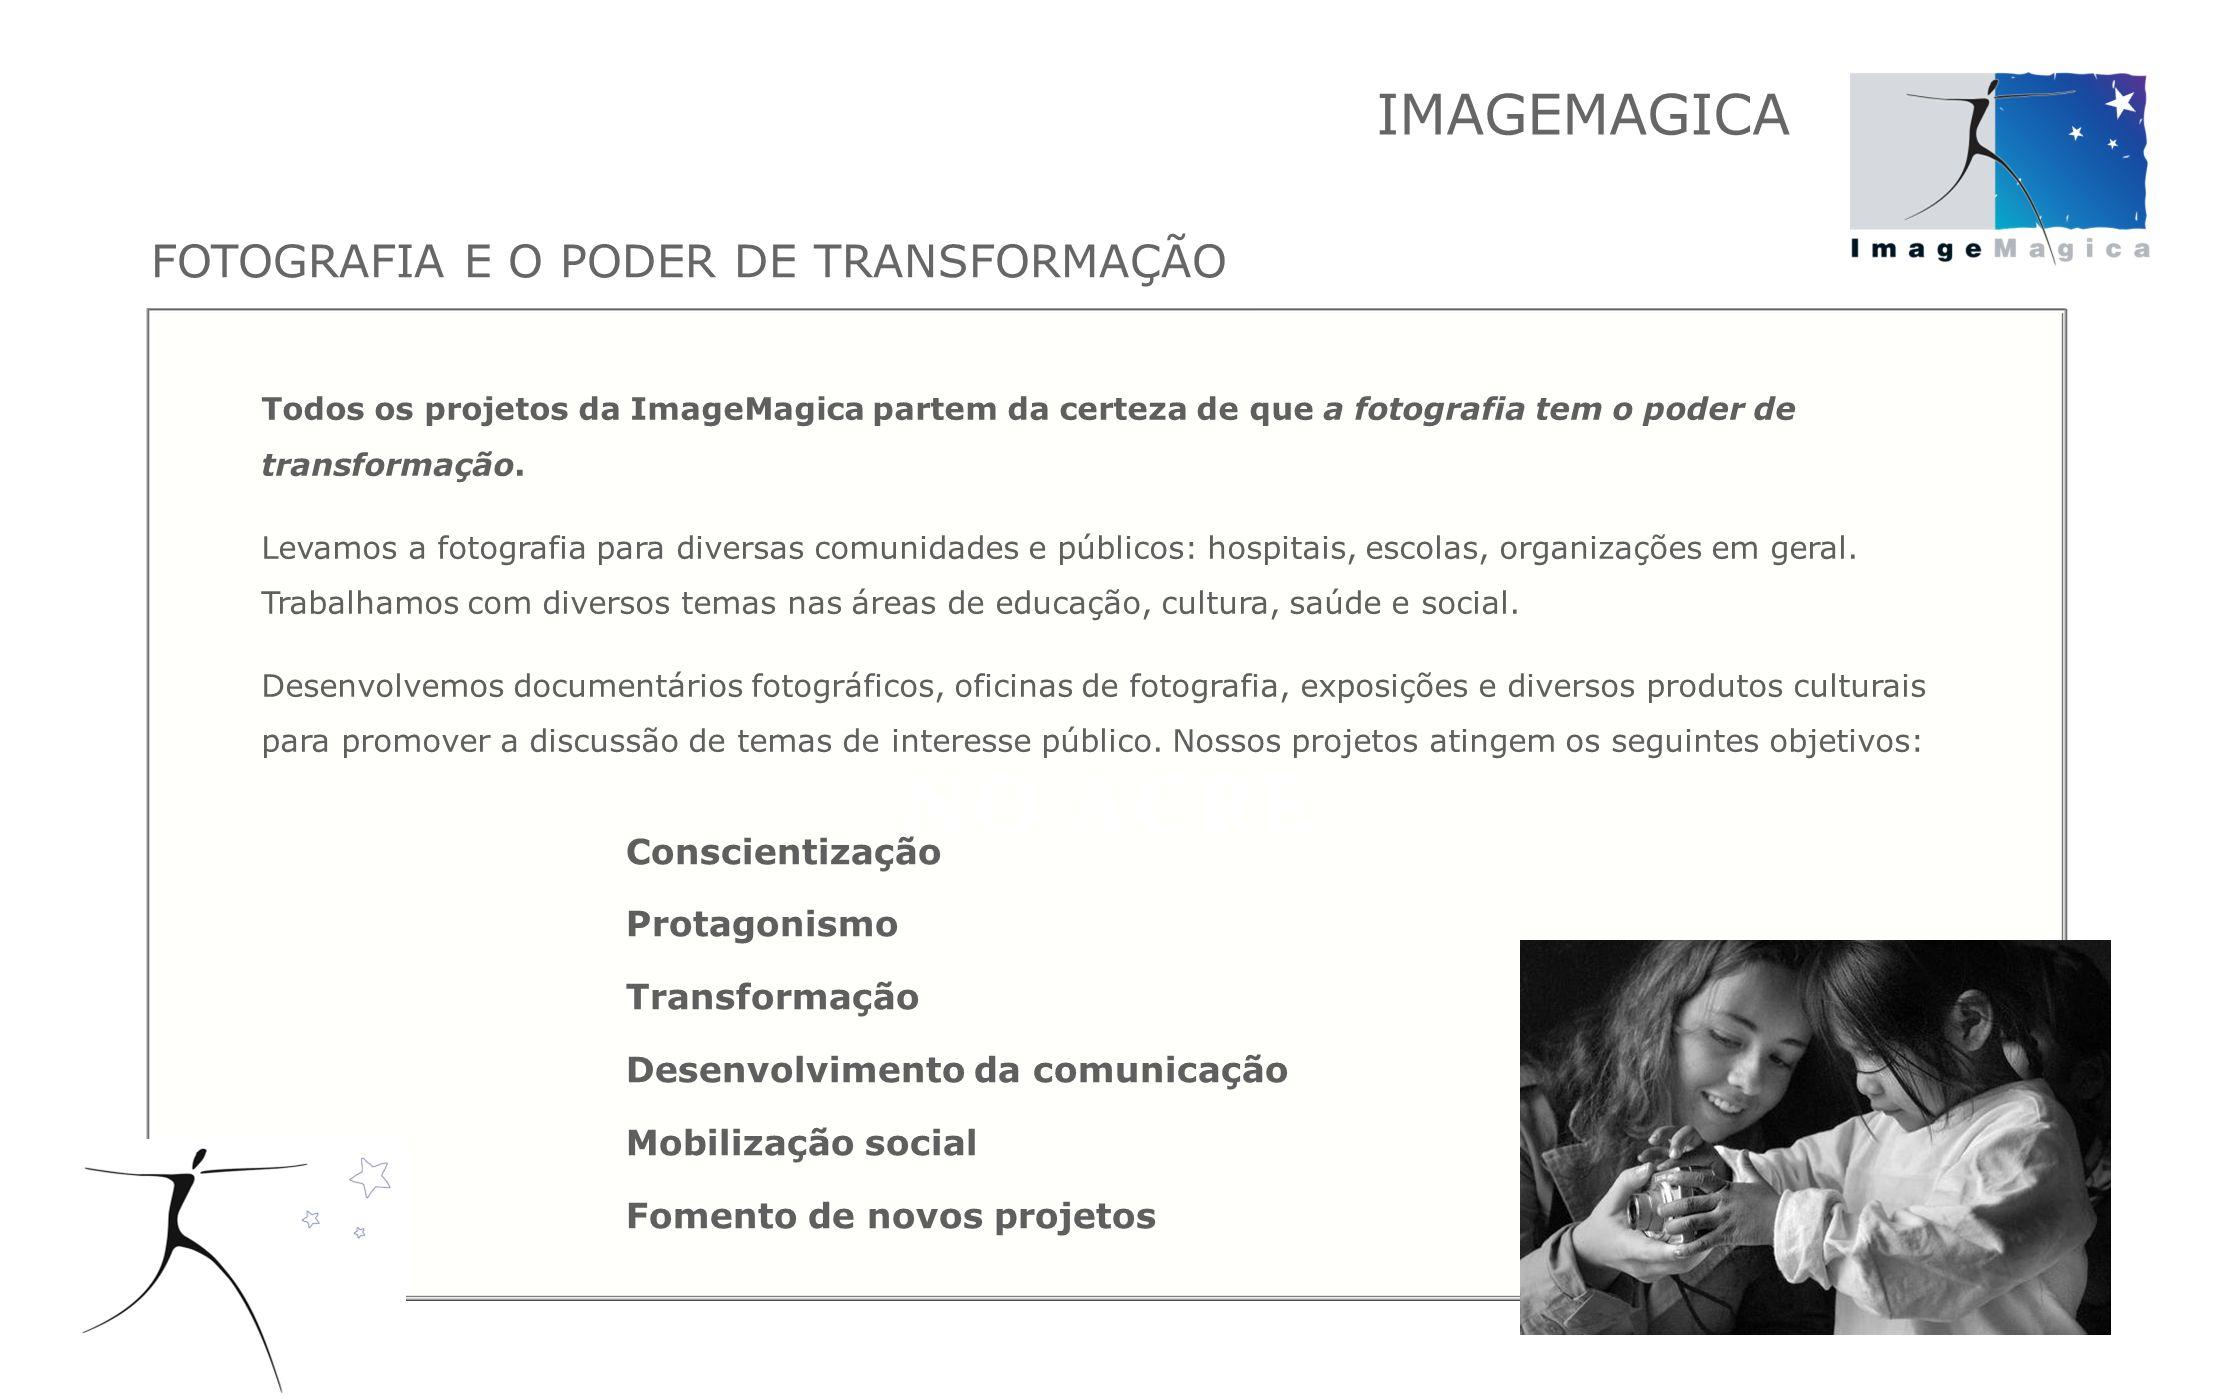 Todos os projetos da ImageMagica partem da certeza de que a fotografia tem o poder de transformação. Levamos a fotografia para diversas comunidades e